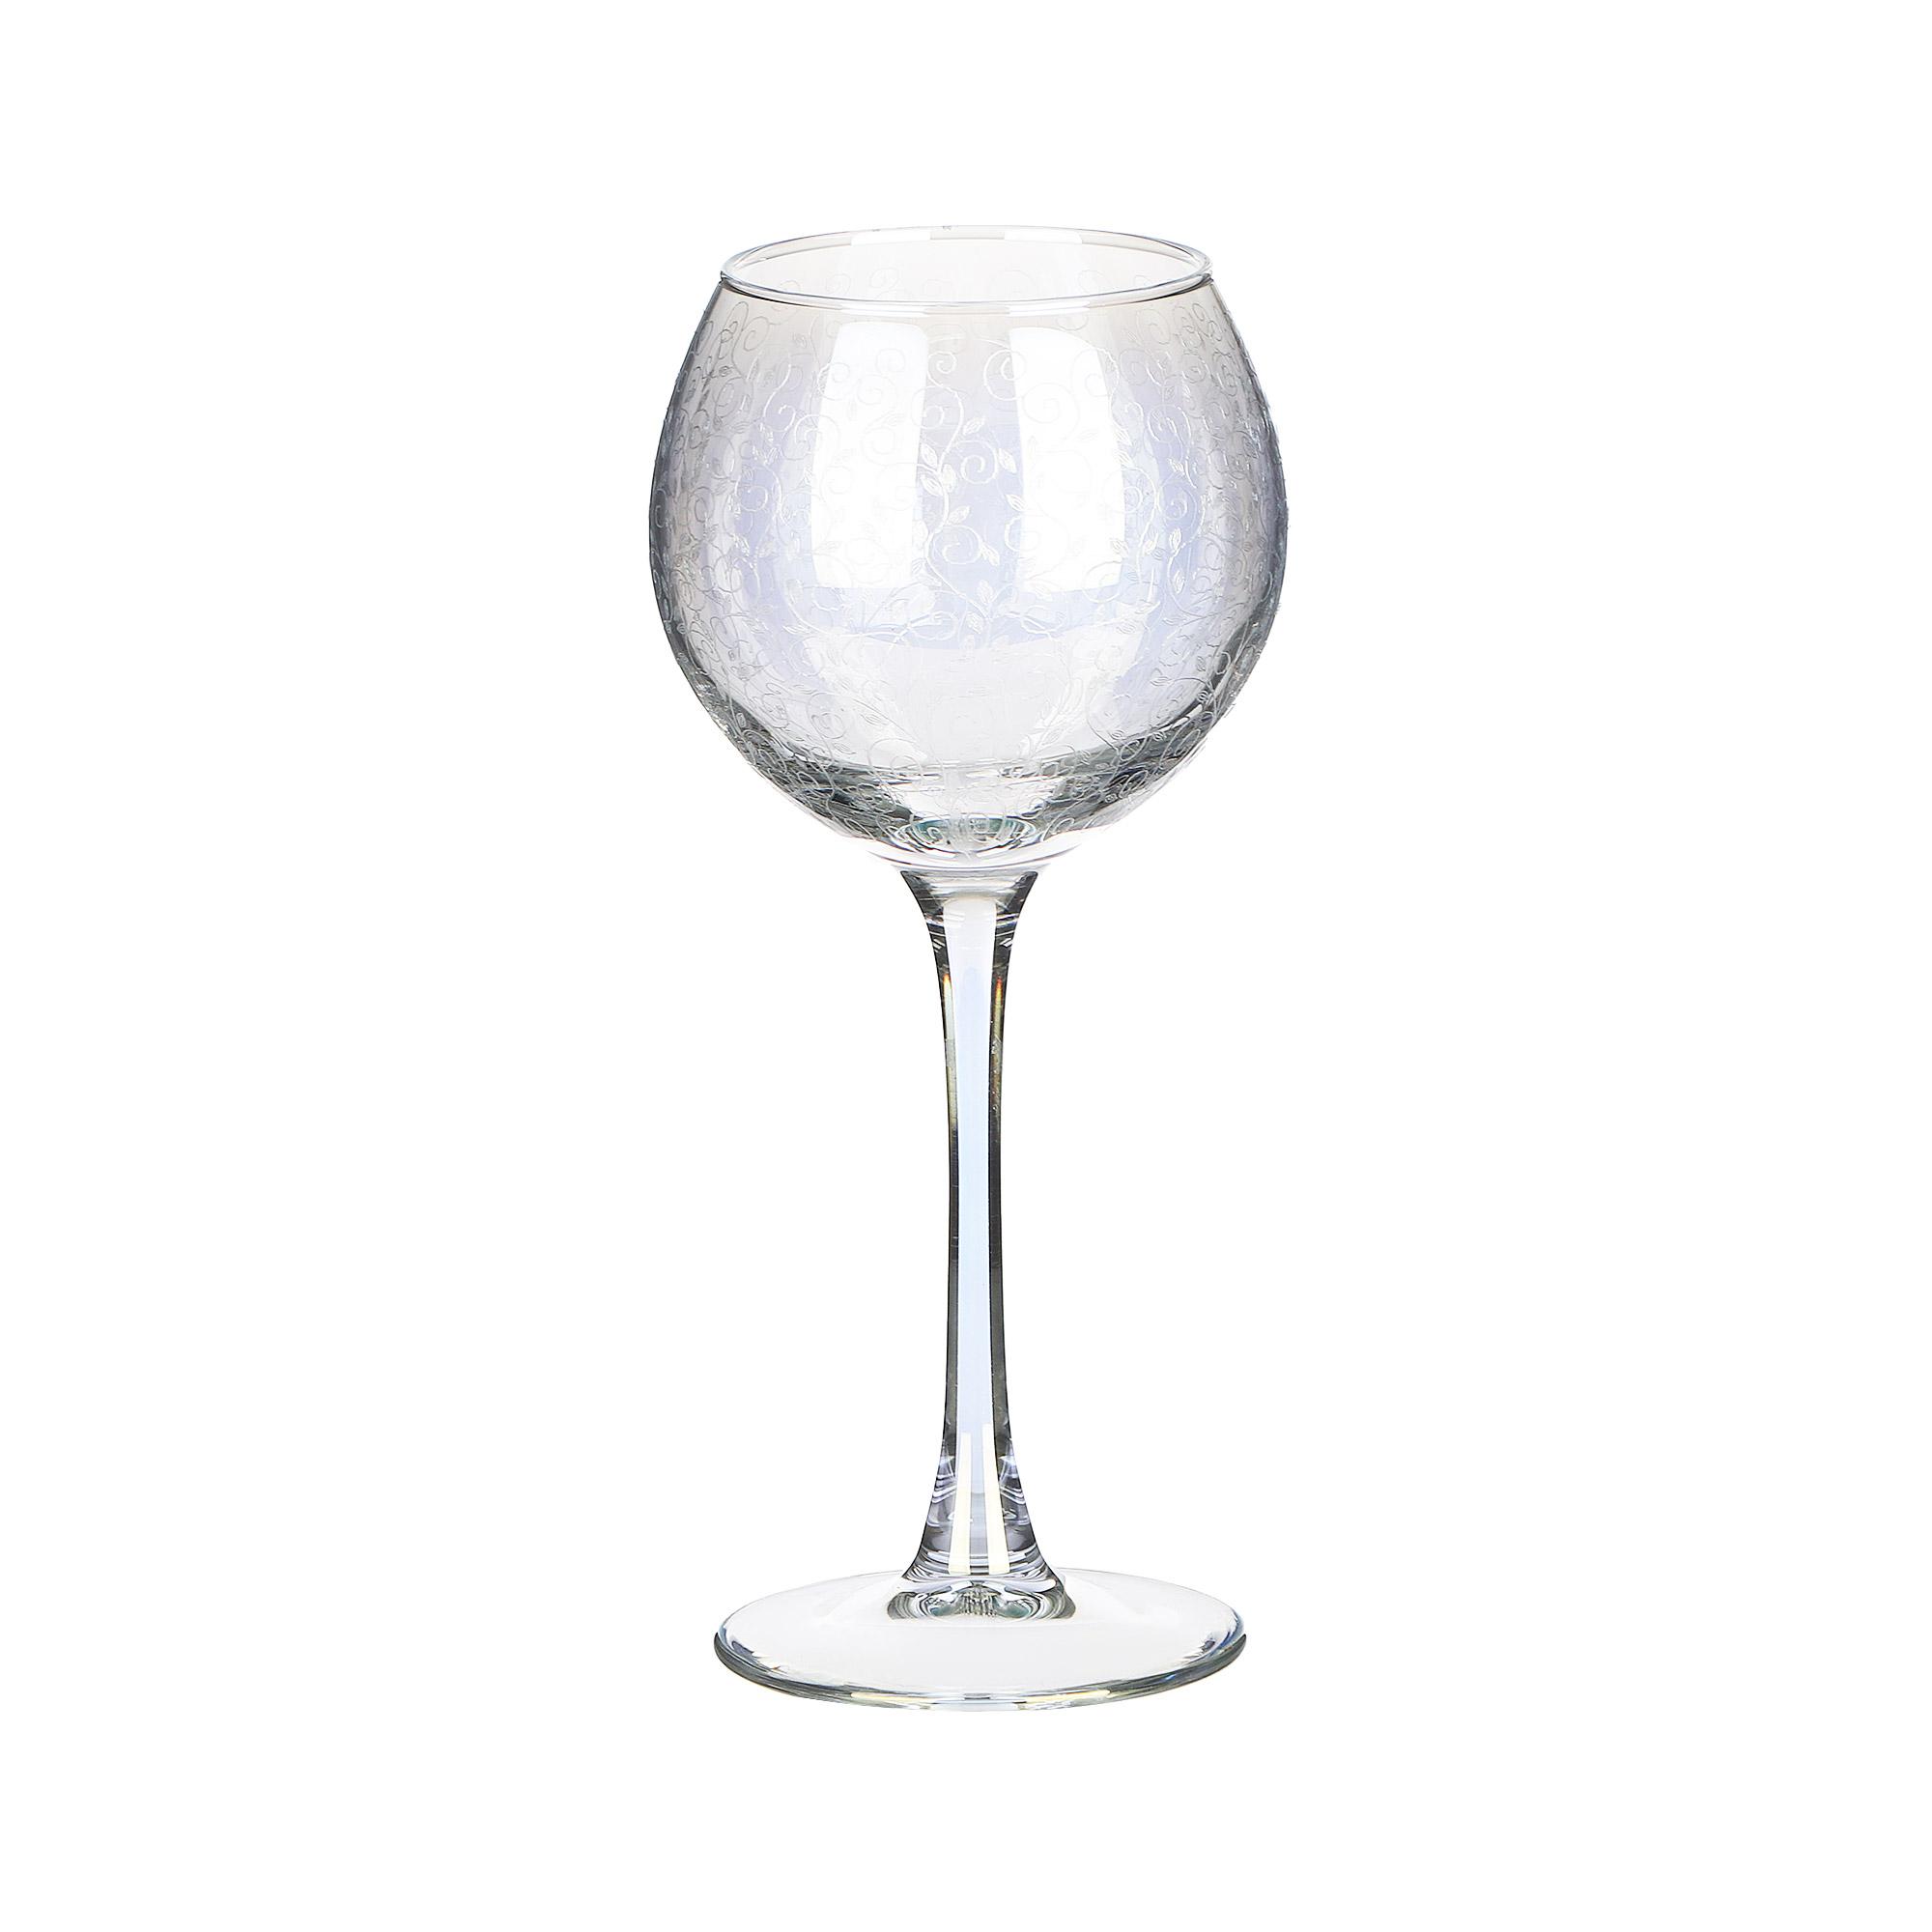 Набор фужеров Glasstar Весенний 280 мл 6 шт набор стаканов glasstar графитовый омбре 310 мл 6 шт